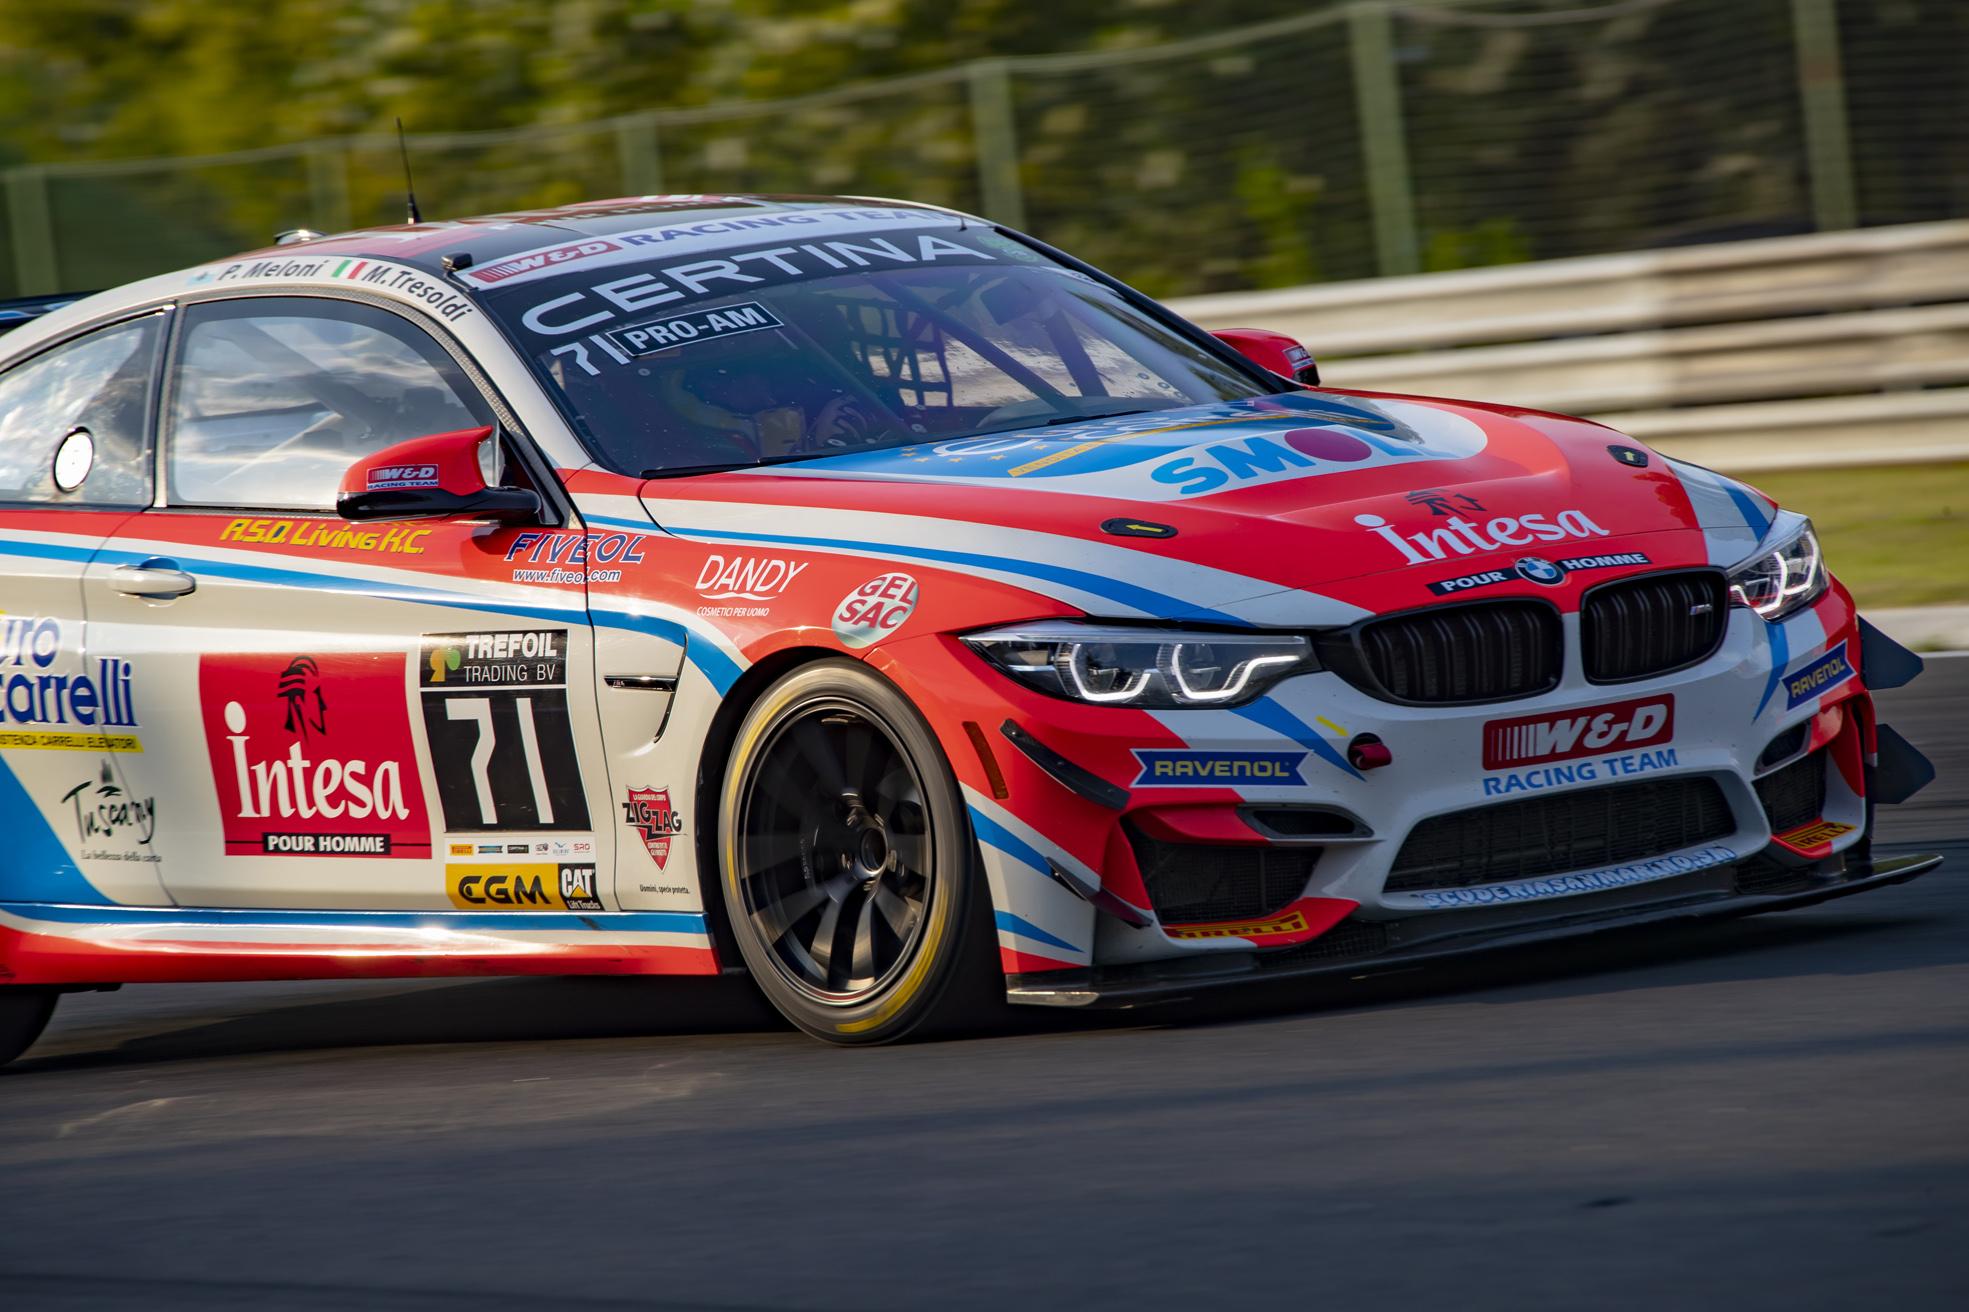 Paolo Meloni e Max Tresoldi nella GT4 European Series